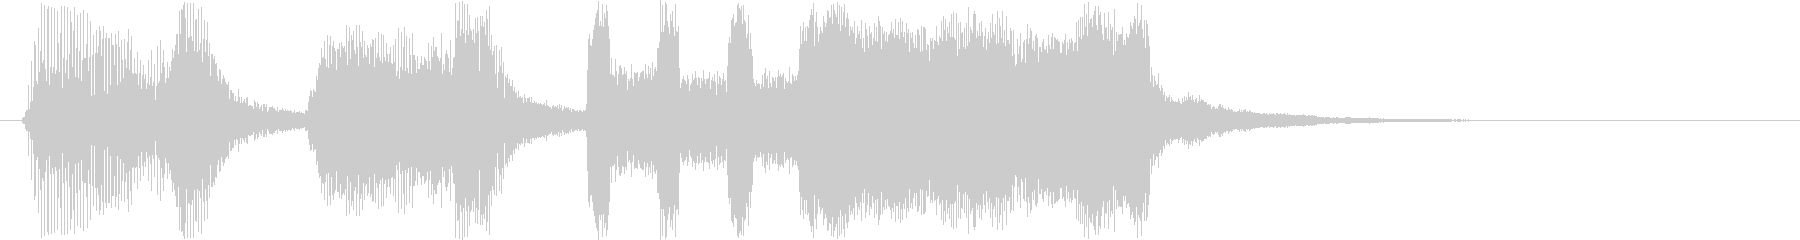 コミカルなシンセサイザーなど短めジングルの未再生の波形